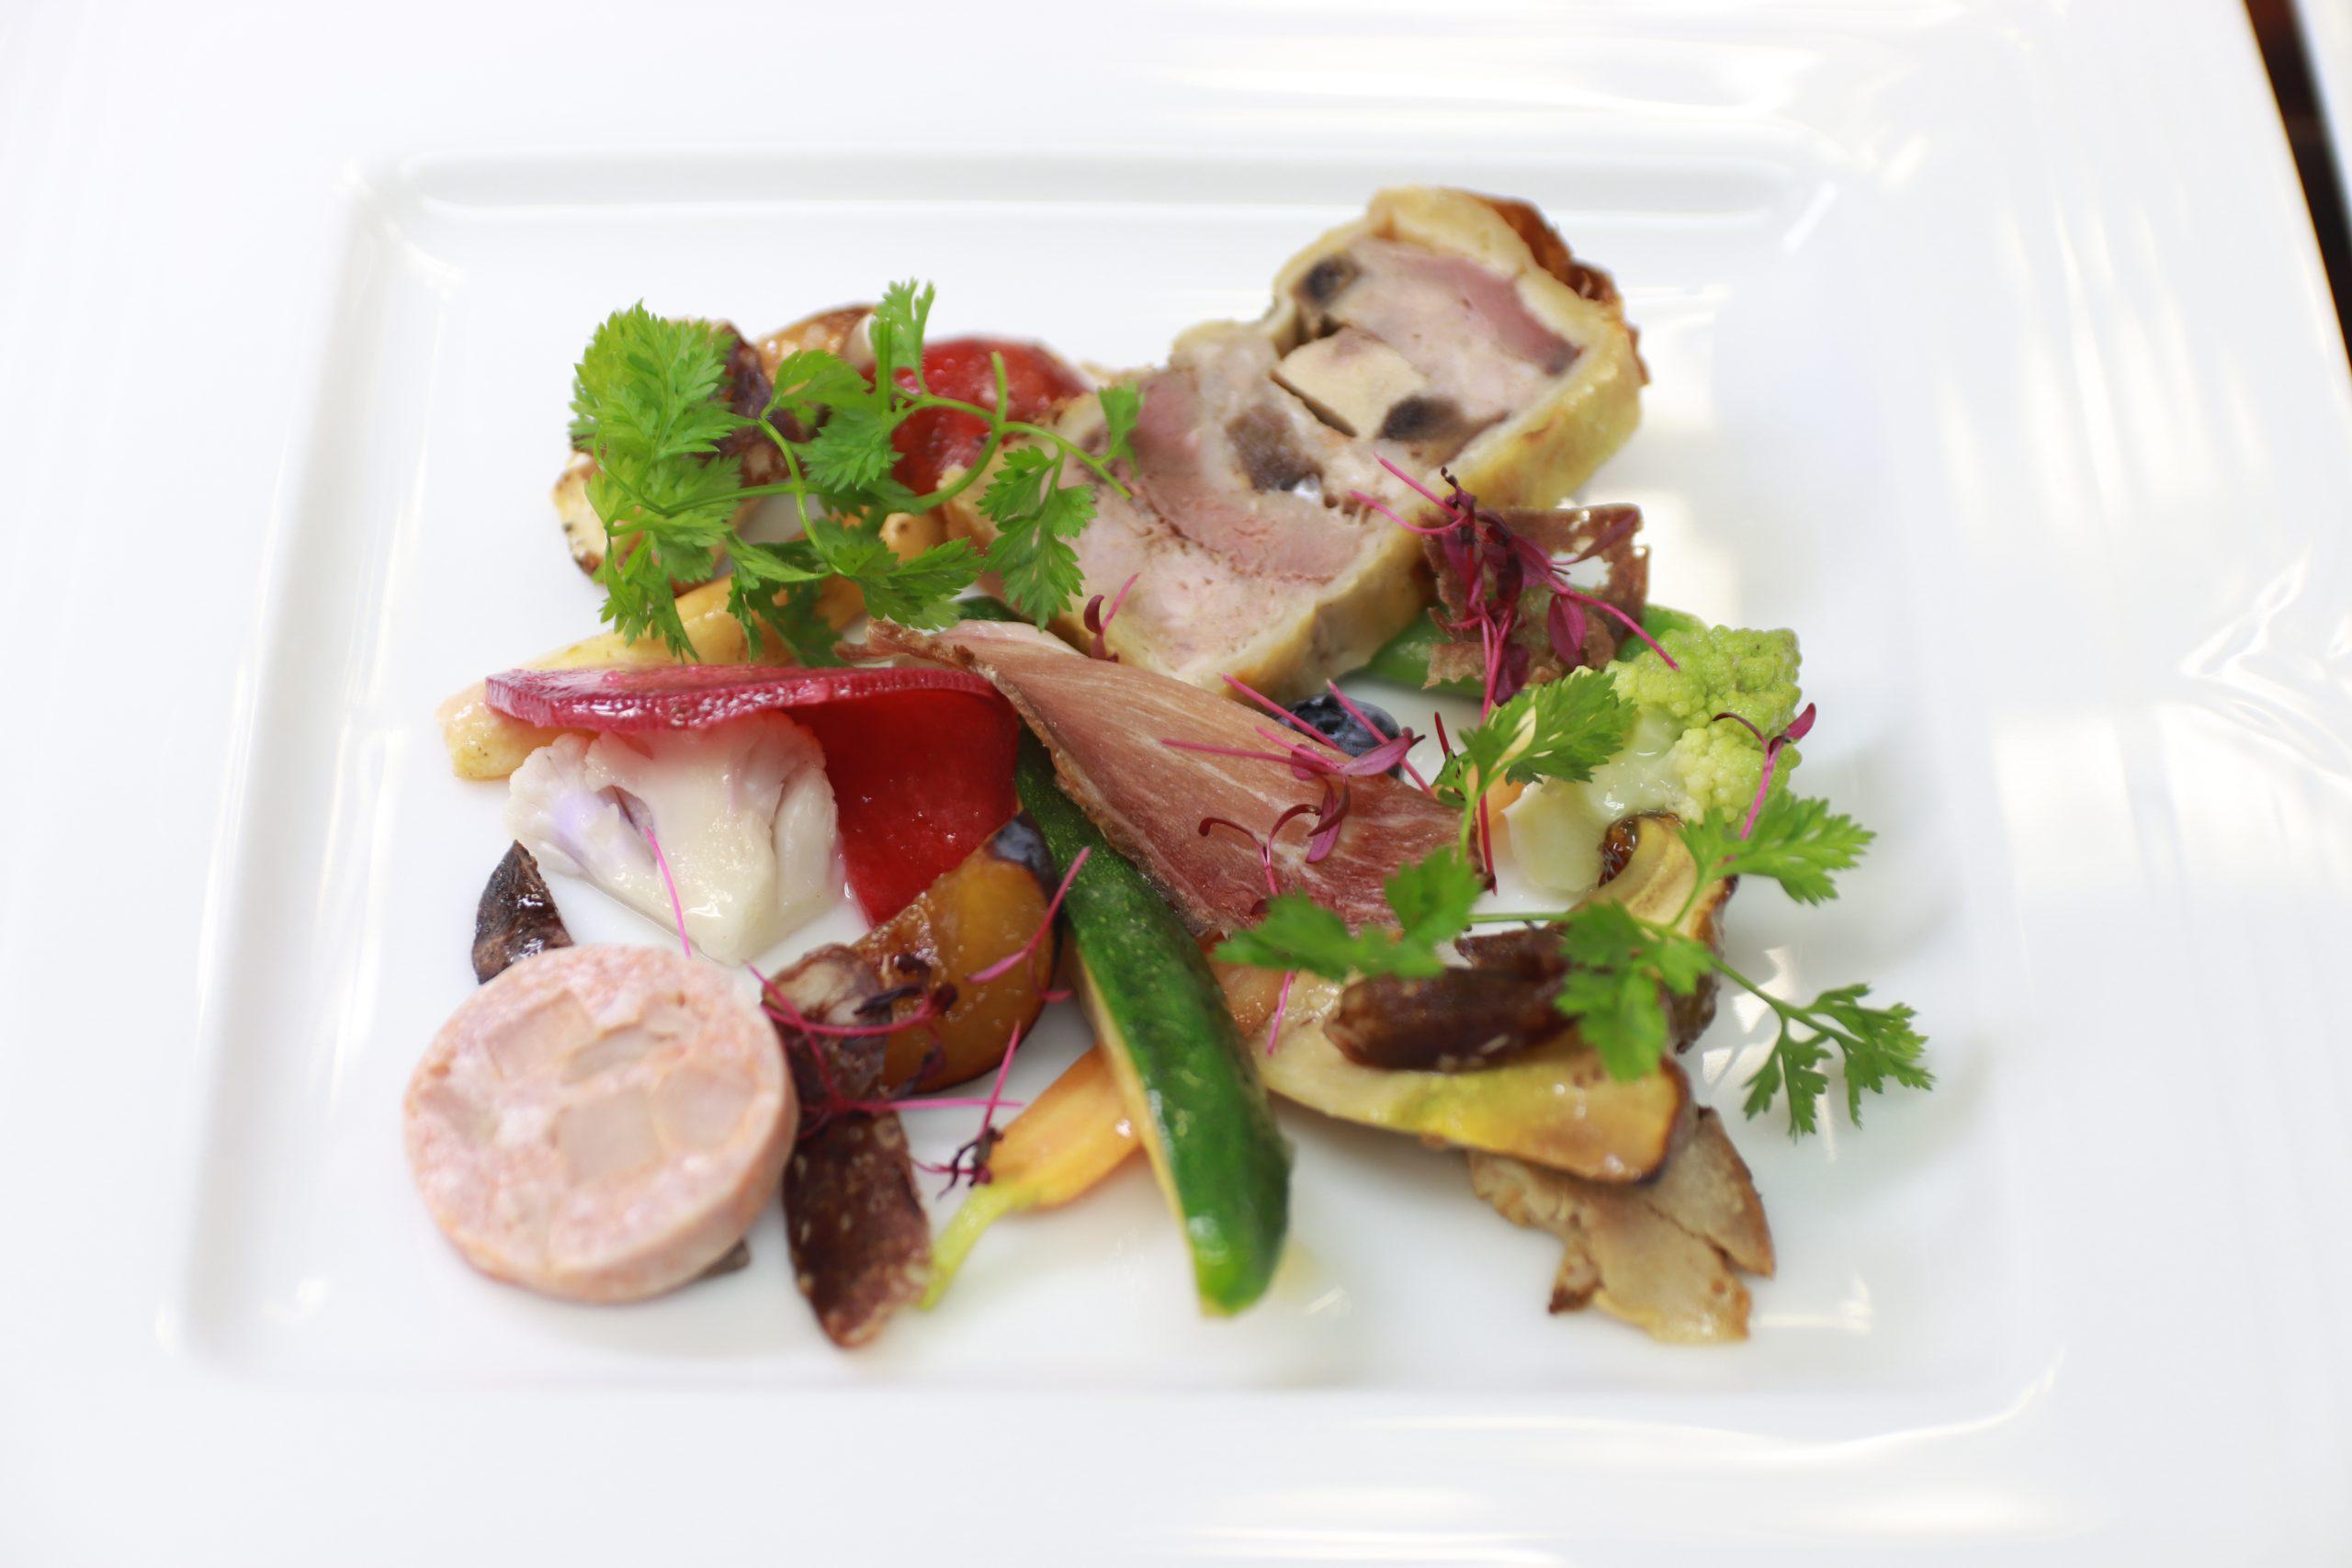 パテ・アンクルートと信州野菜、シャルキュトリーの盛り合わせ